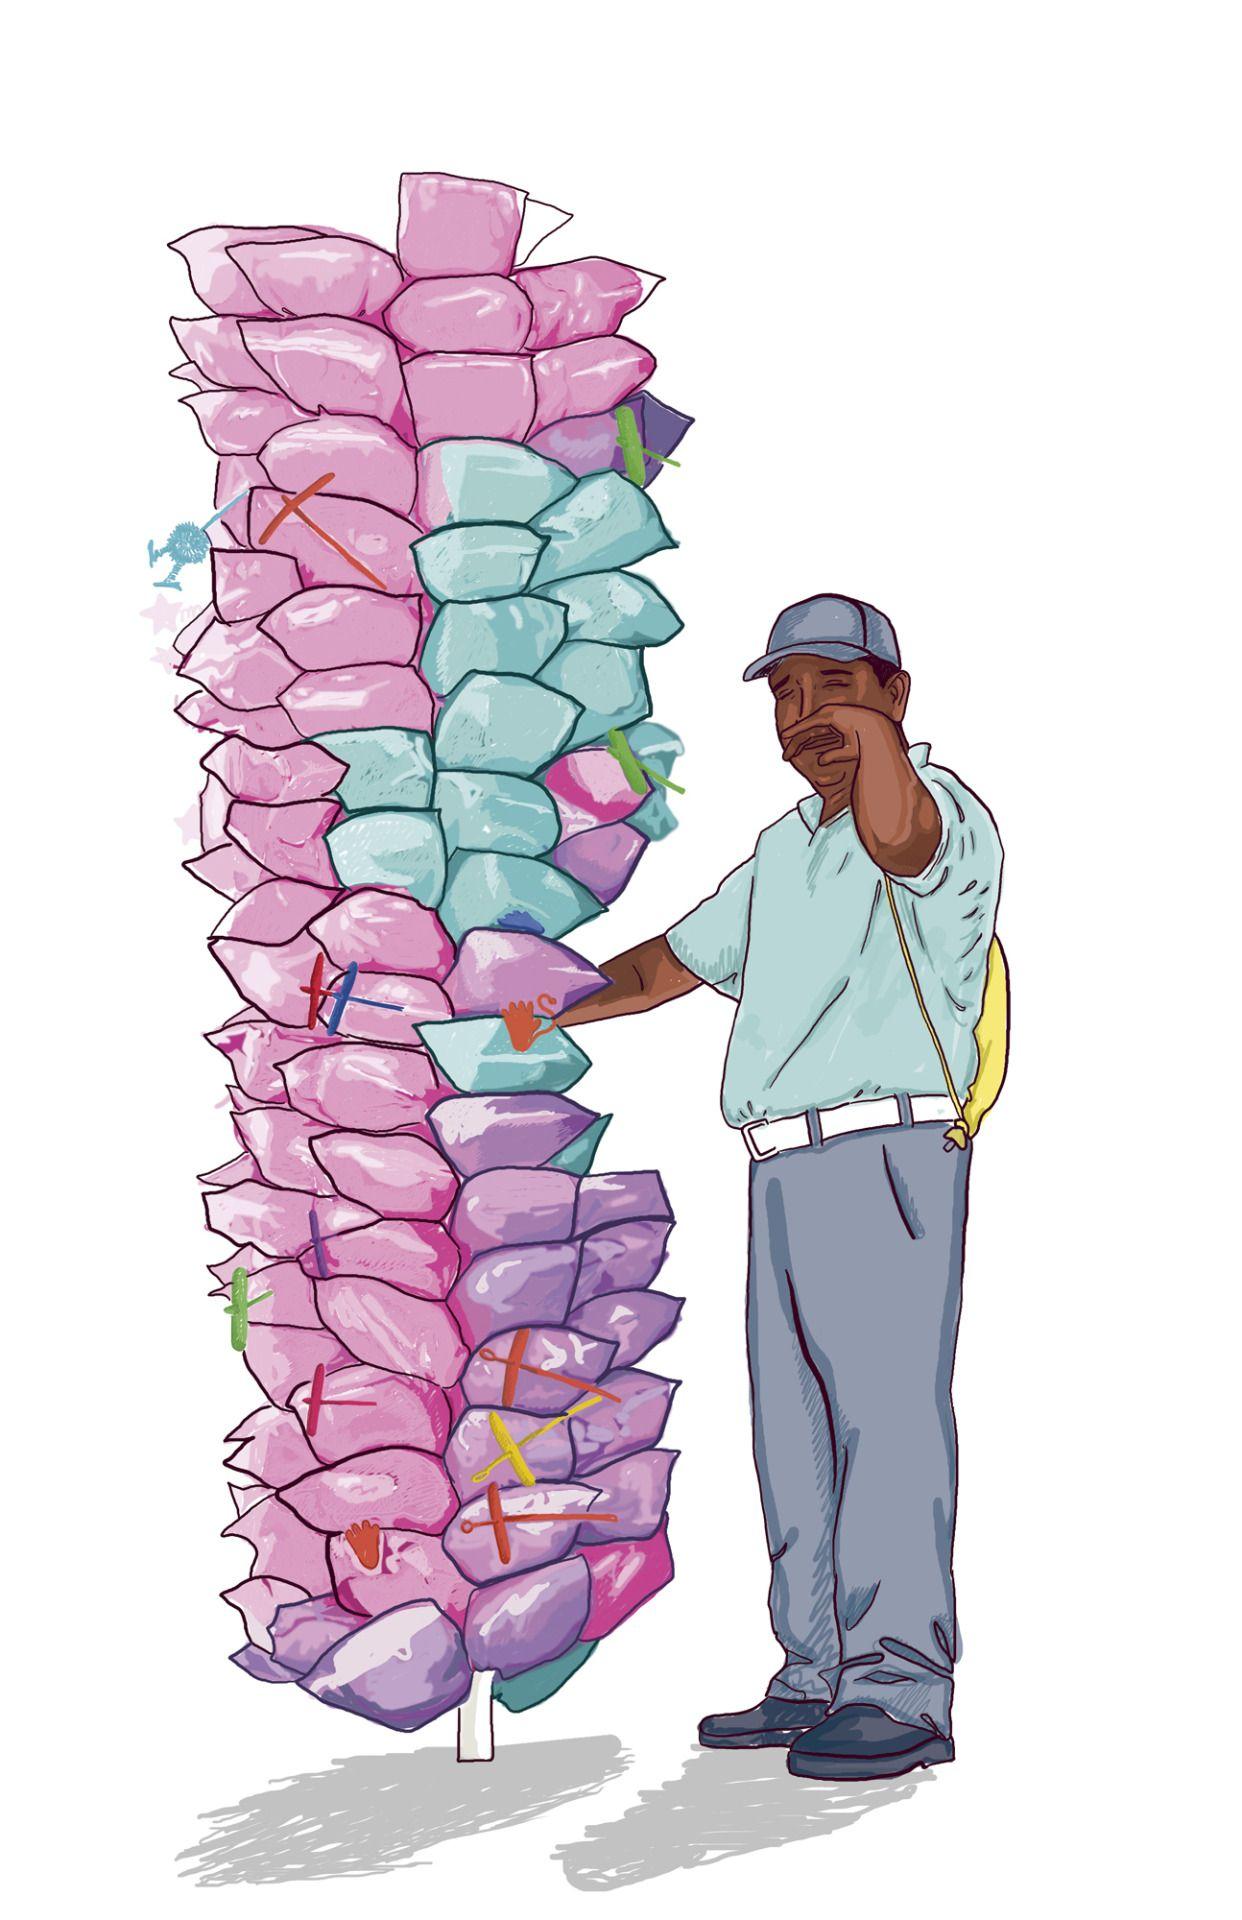 Algodón de azúcar y su encargado. Vistas dulces de Medellín. Dibujo ...